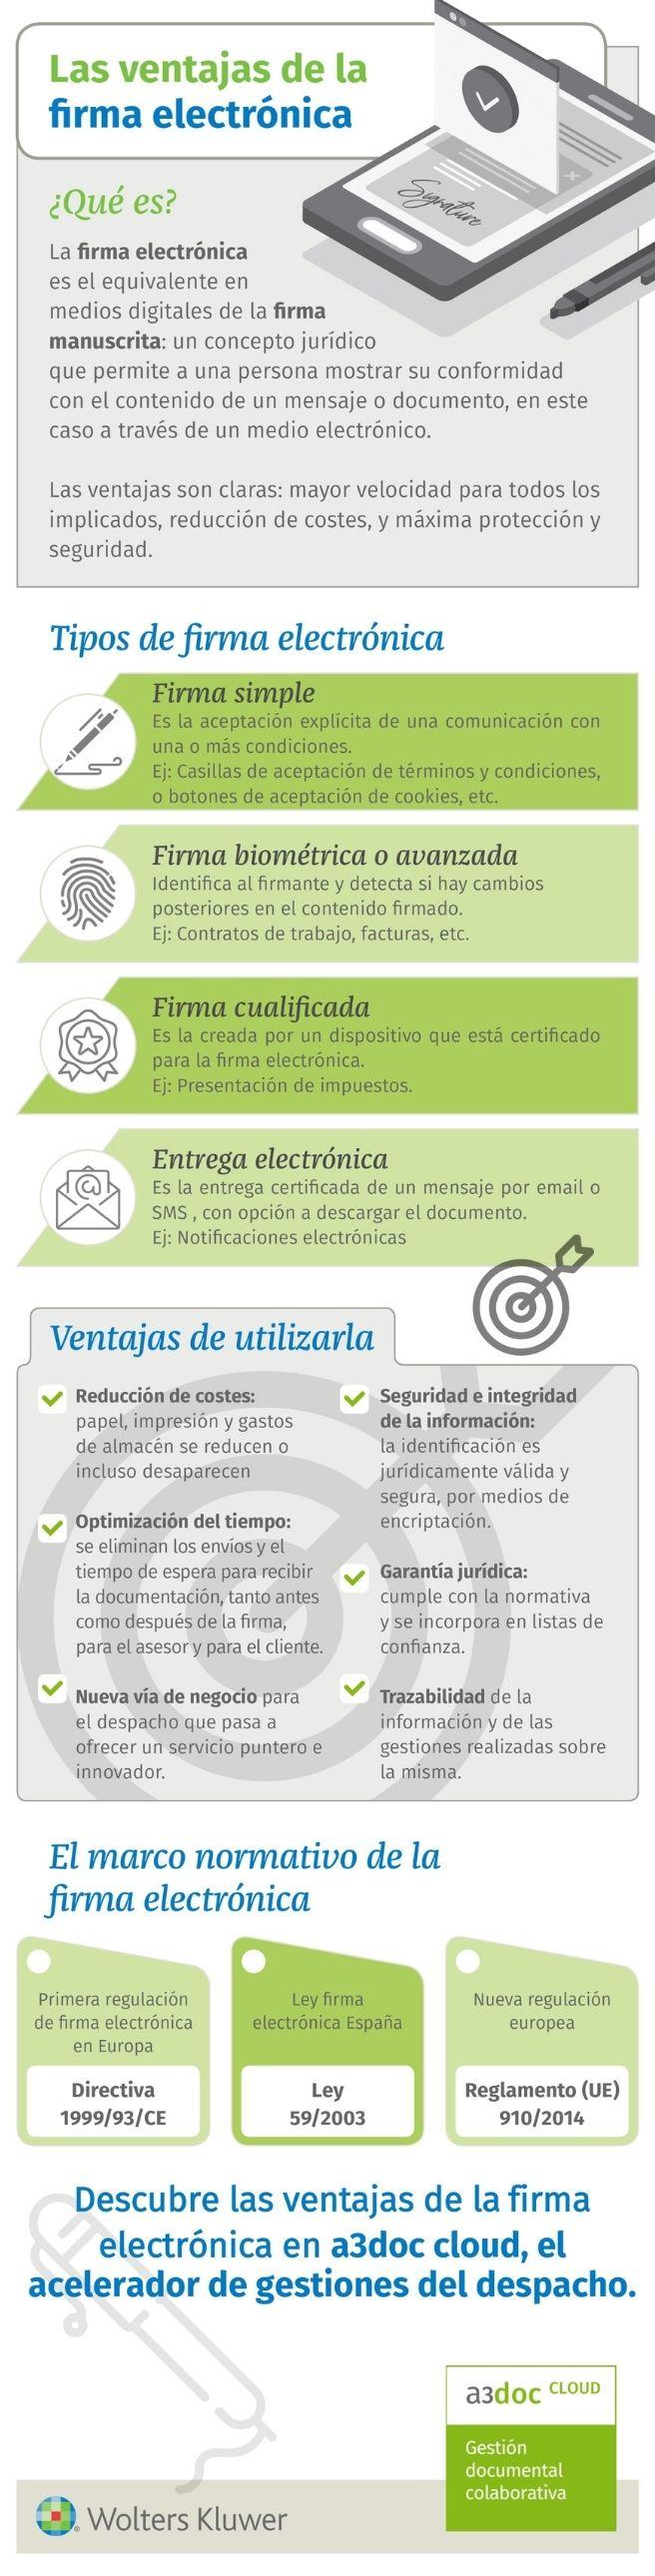 infografía firma electrónica